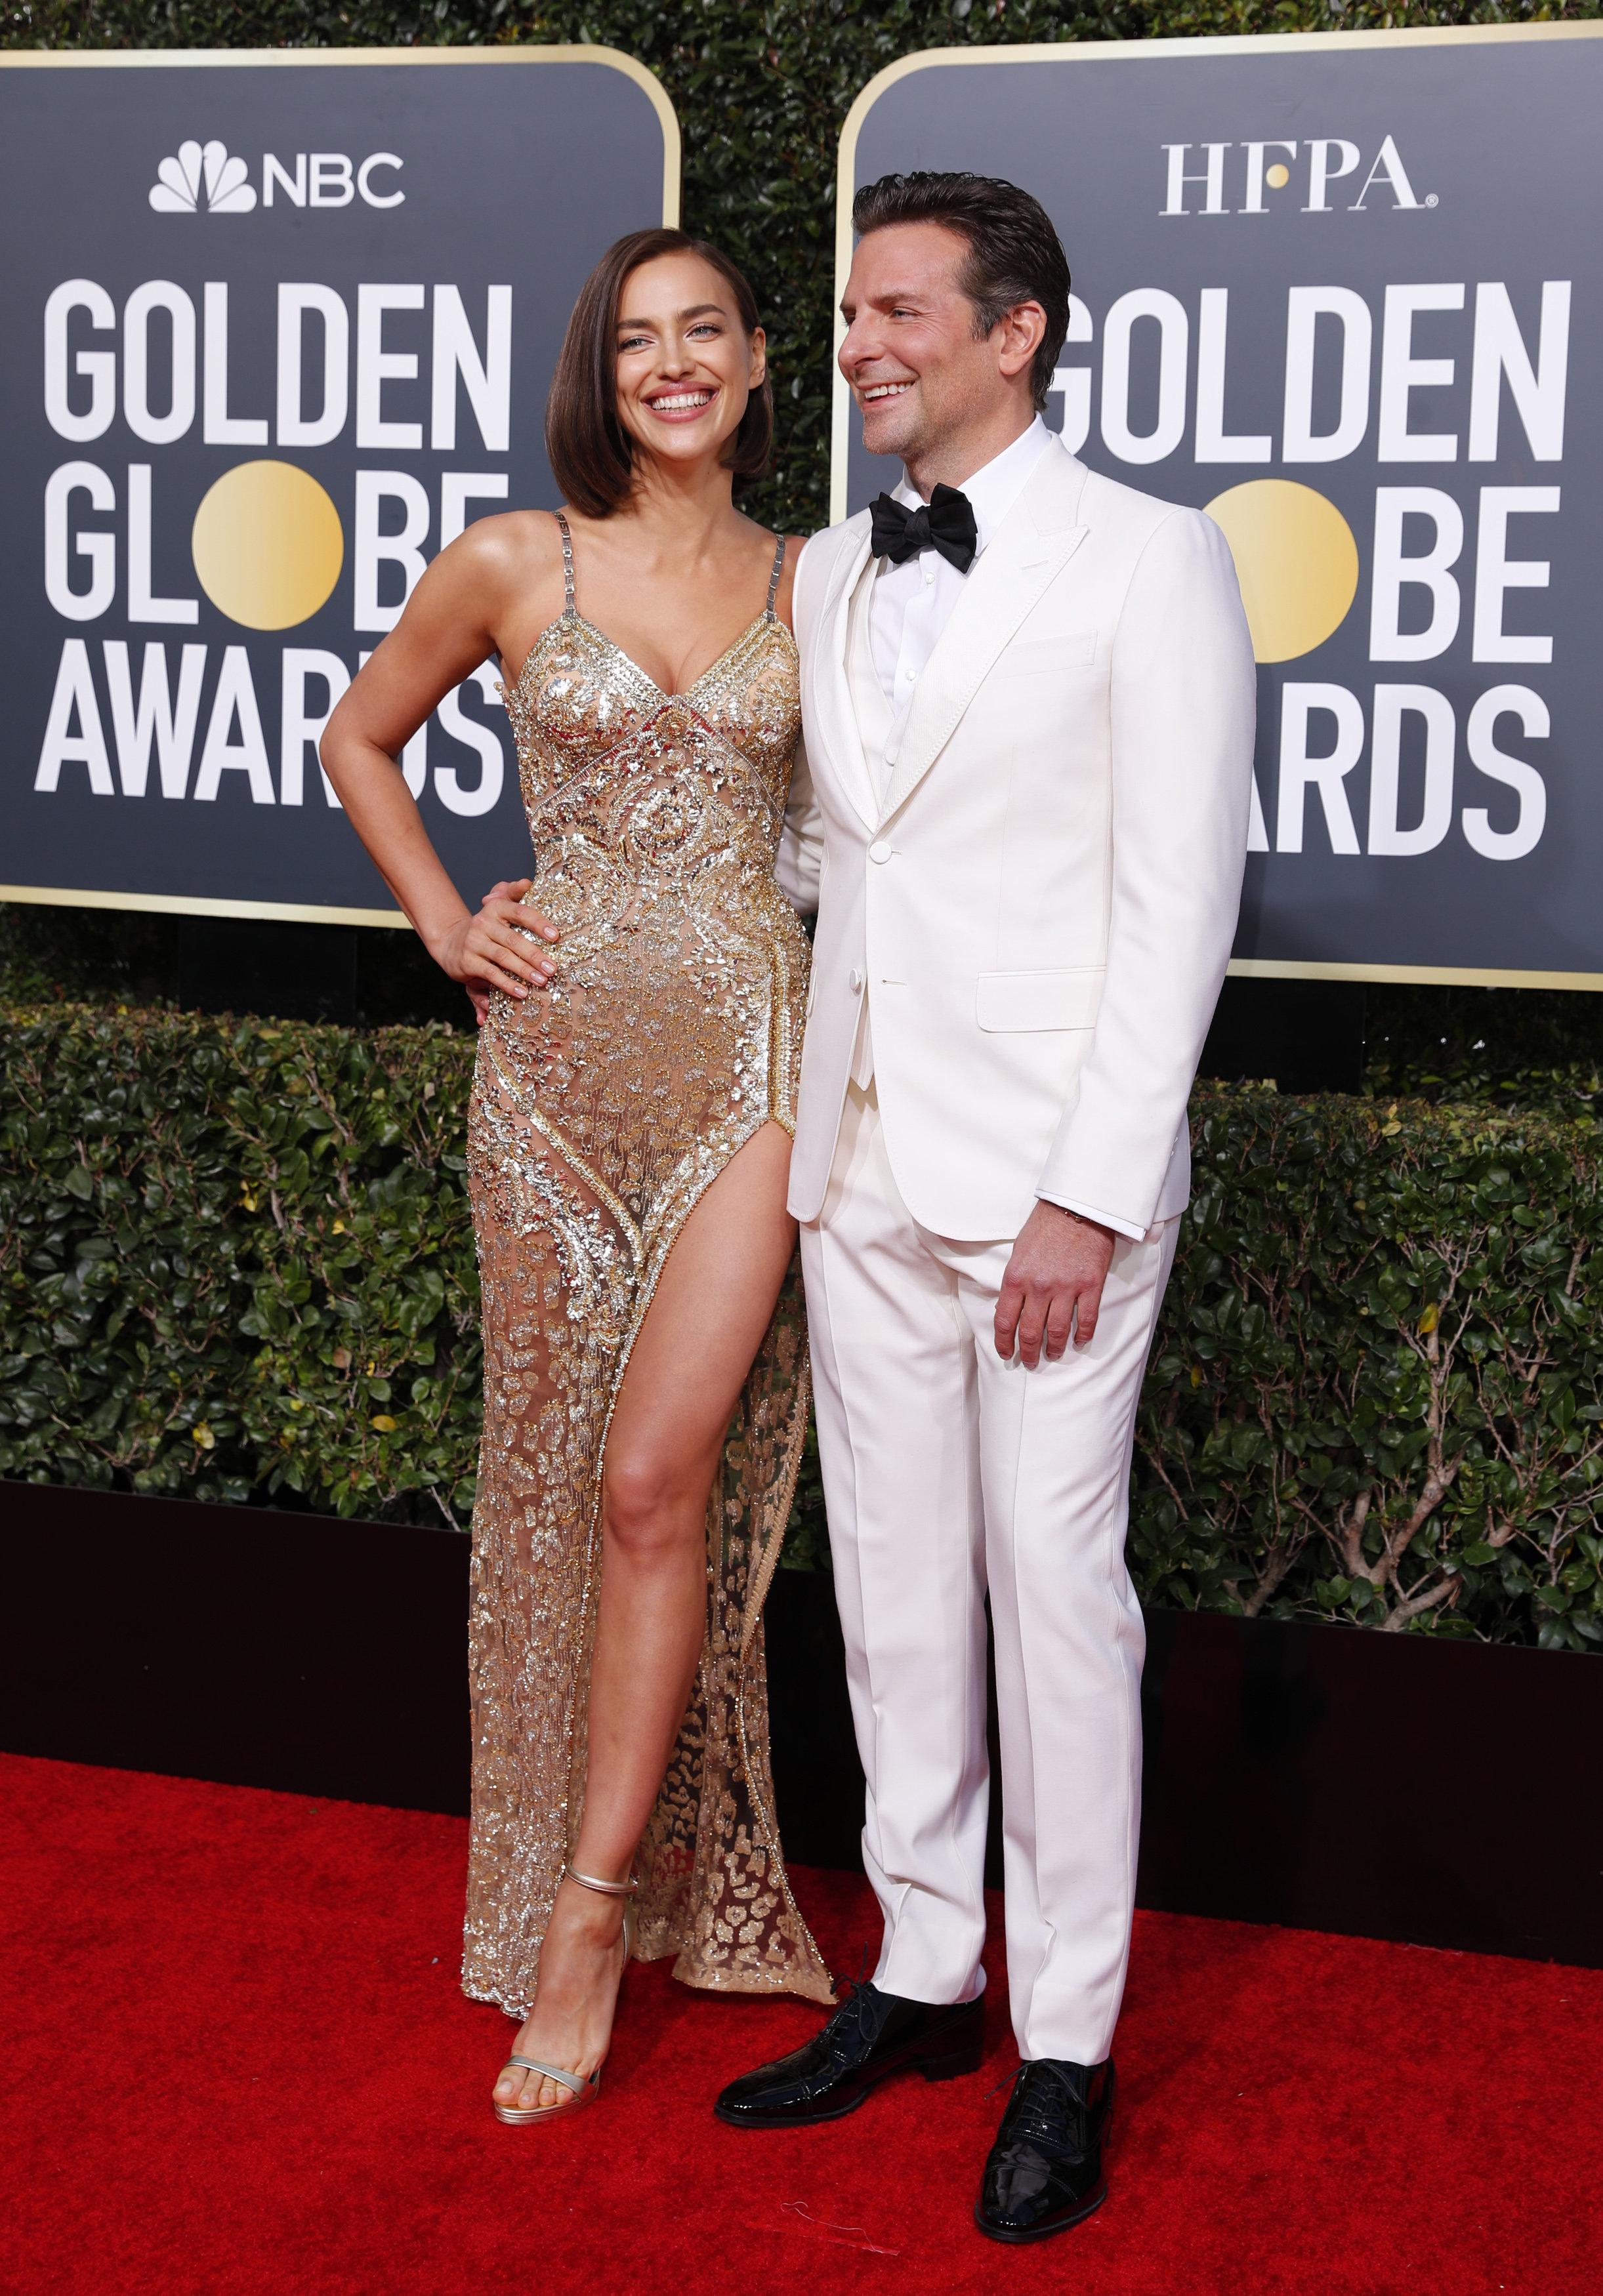 Les 15 tenues les plus renversantes des Golden Globes